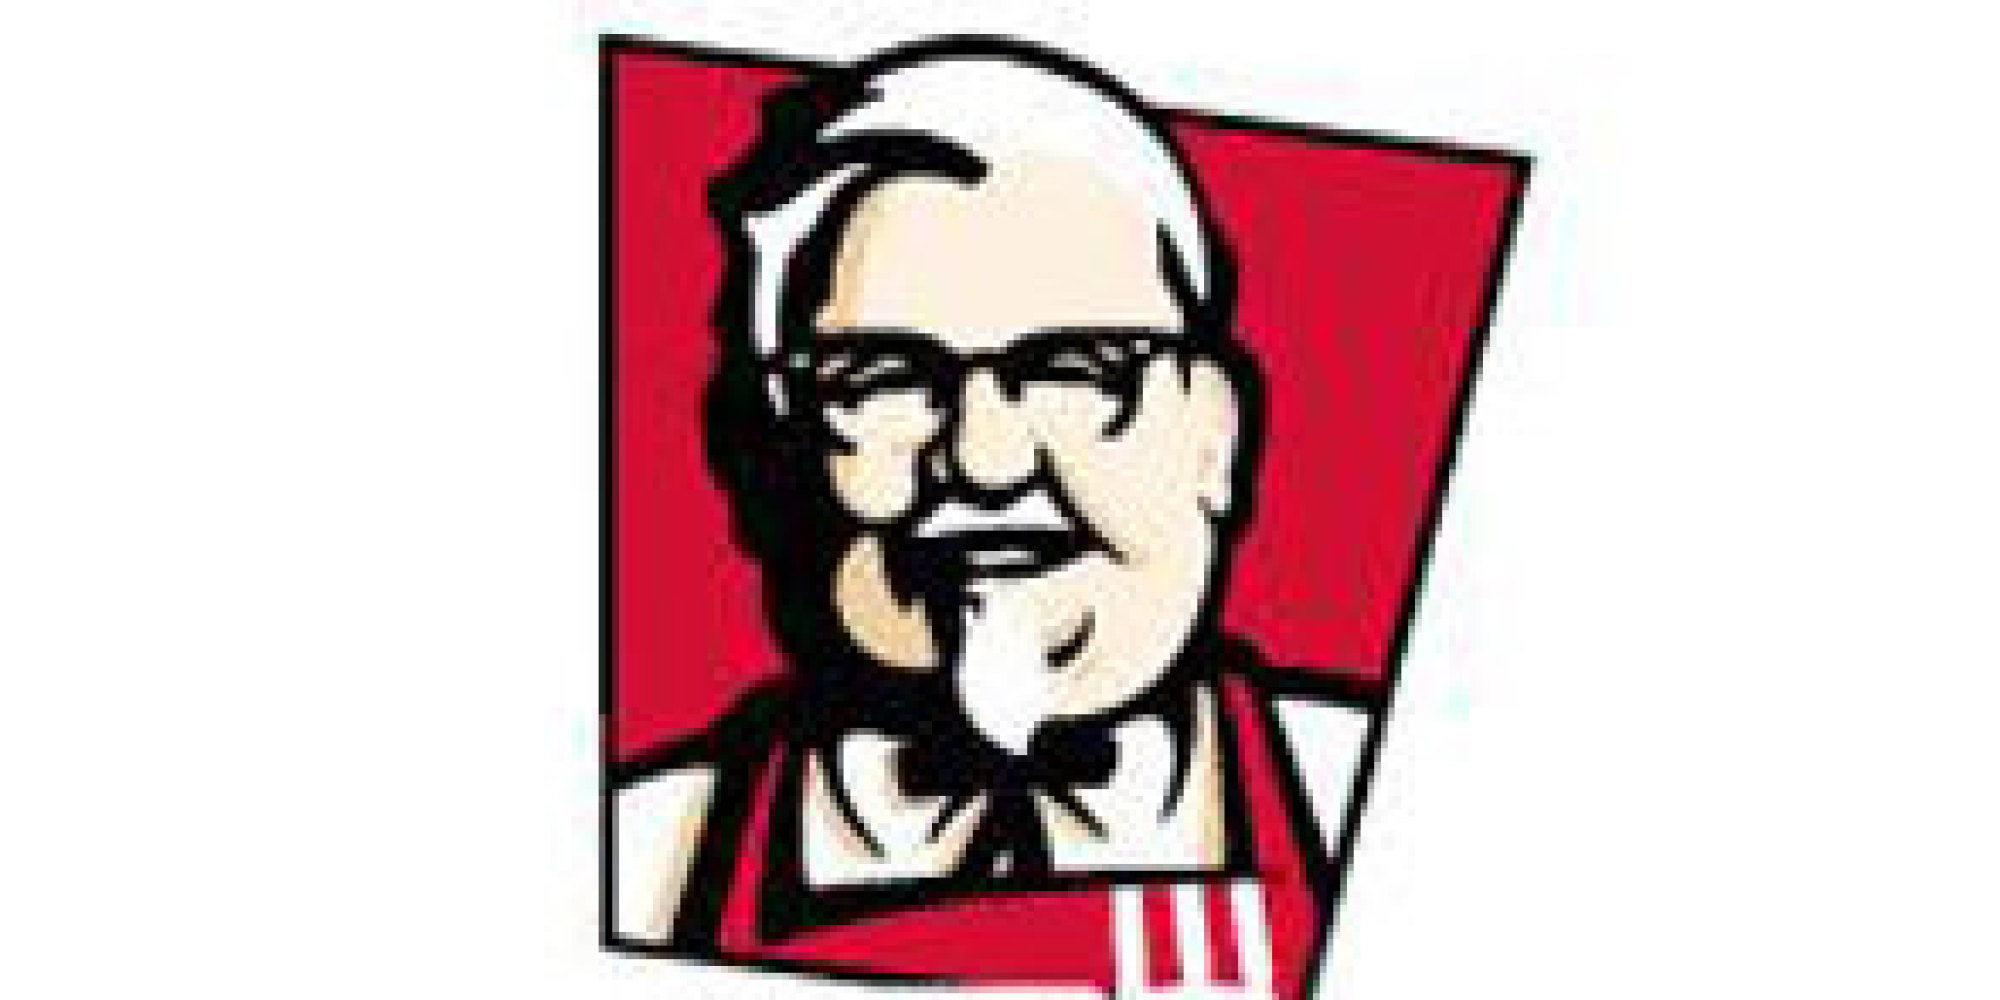 Quand les logos des fast-food prennent de l'embonpoint